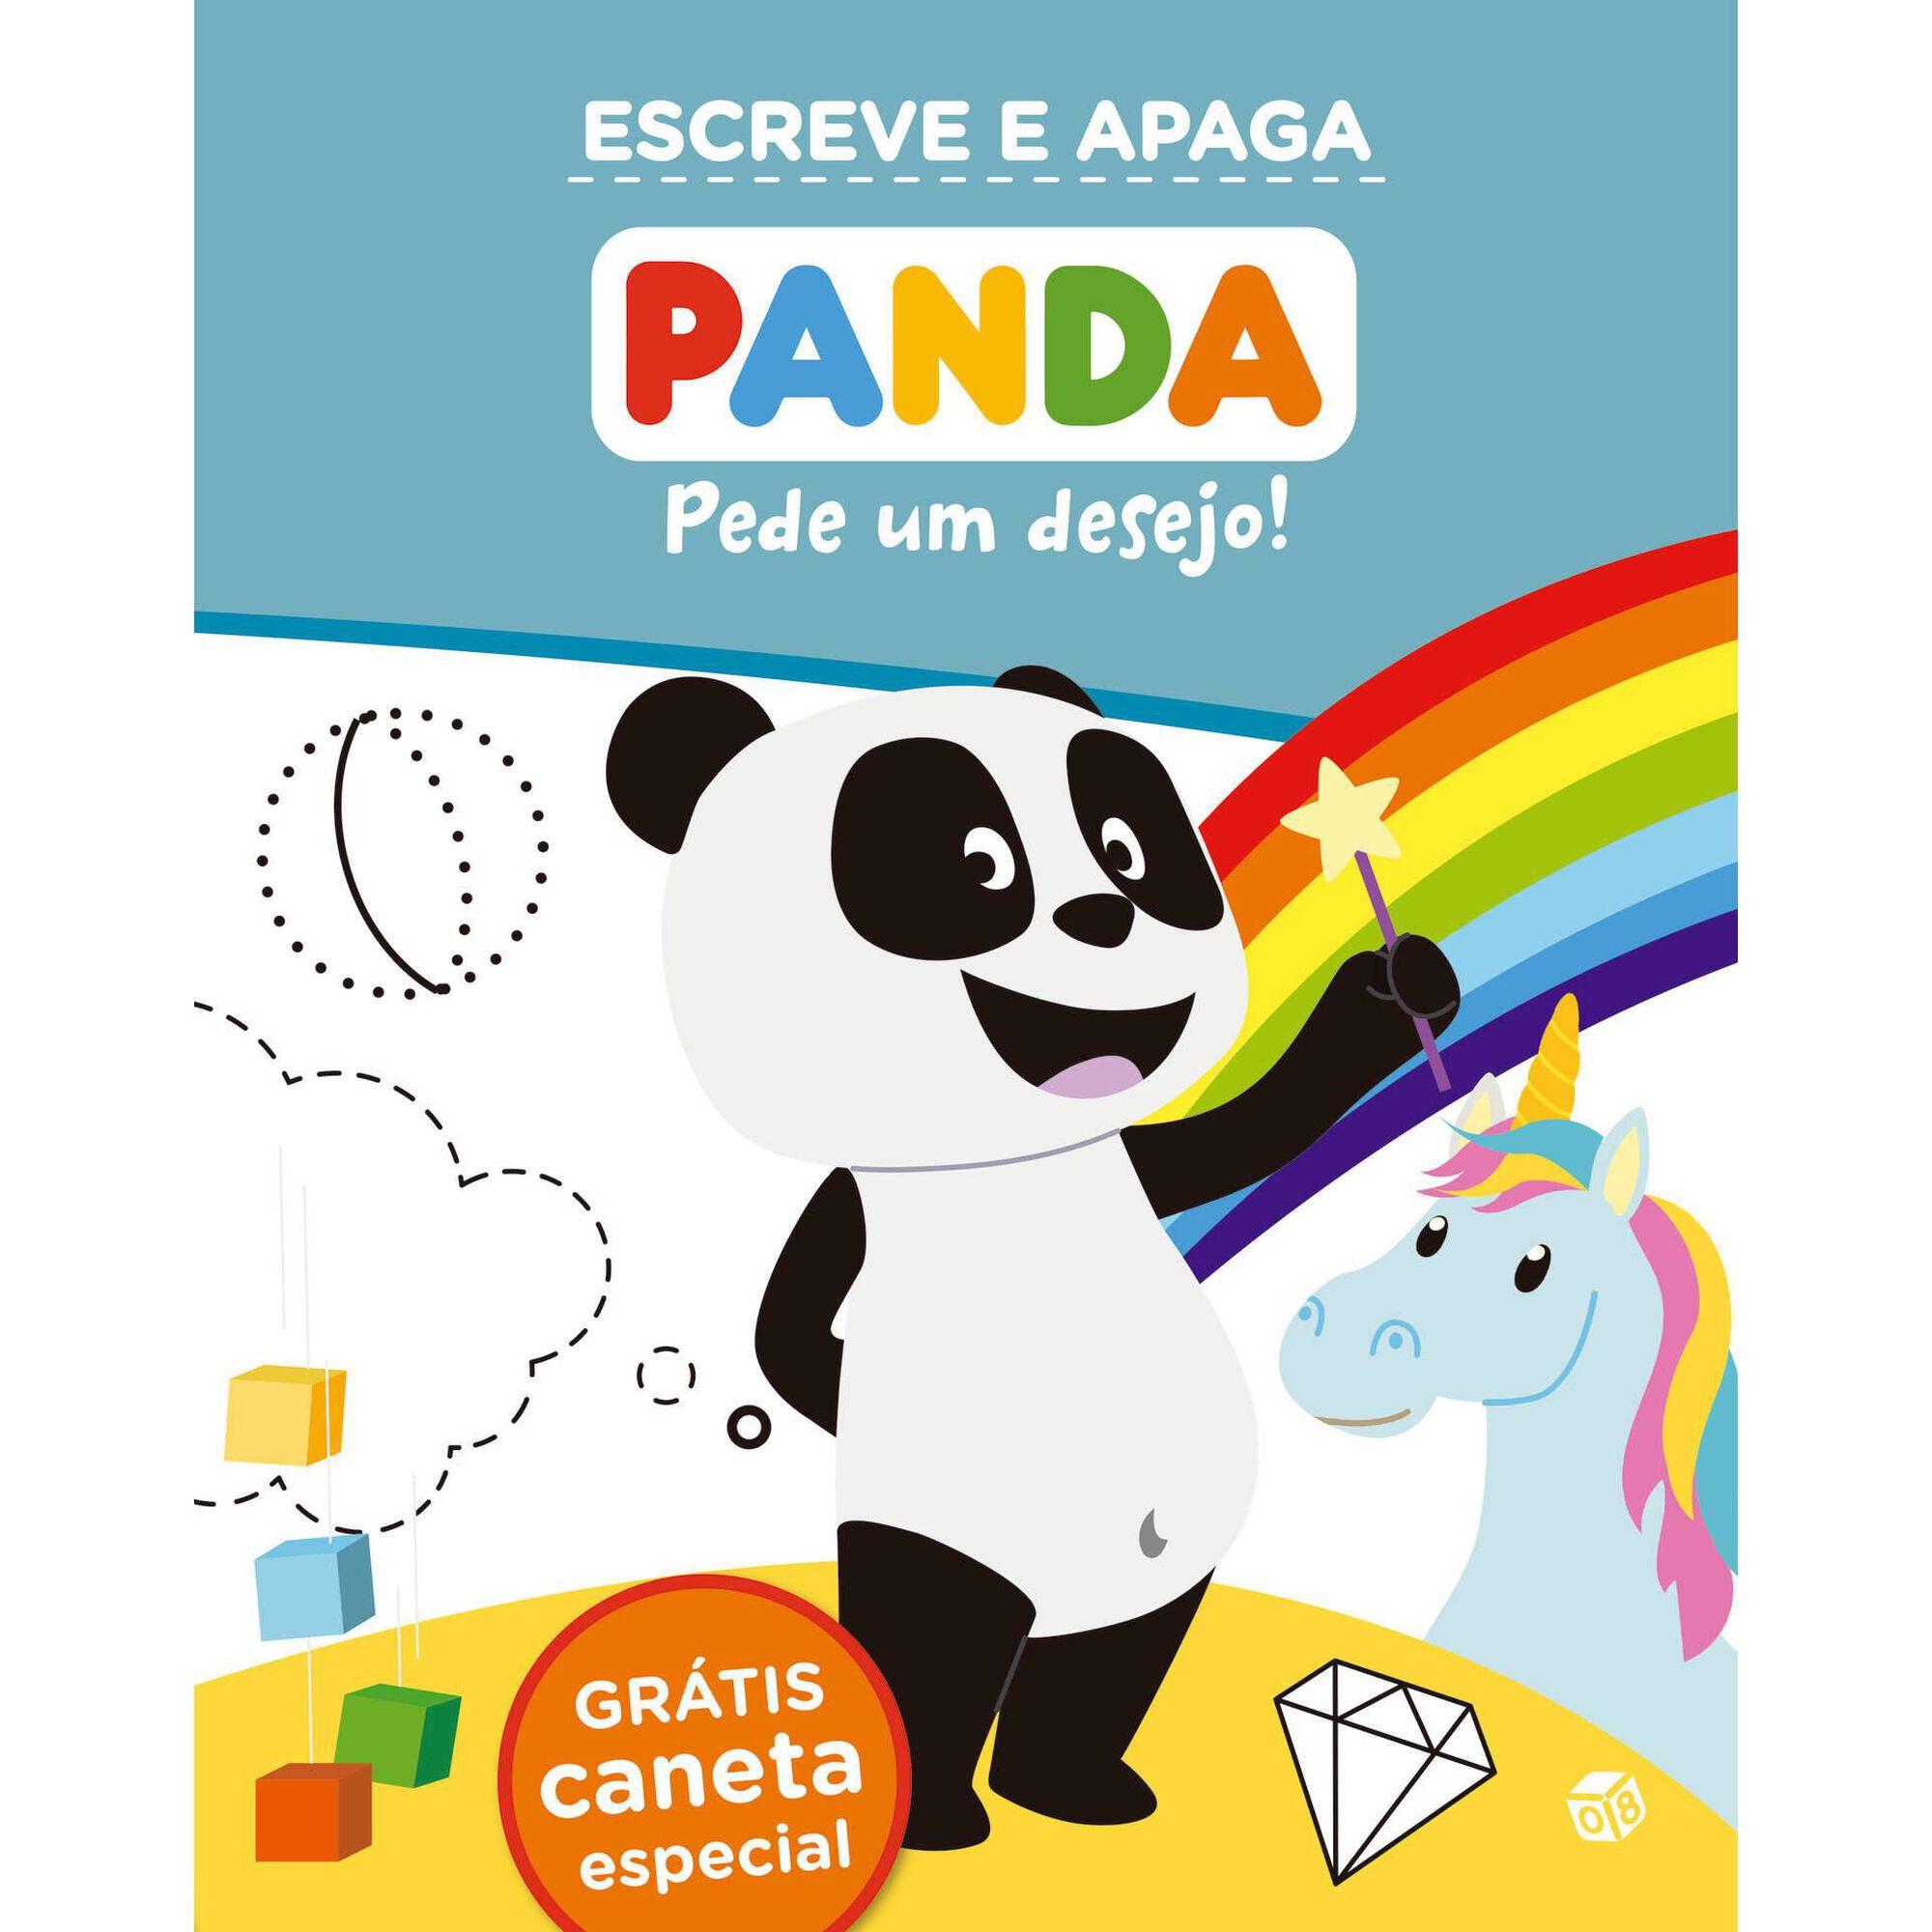 Panda - Pede um desejo!